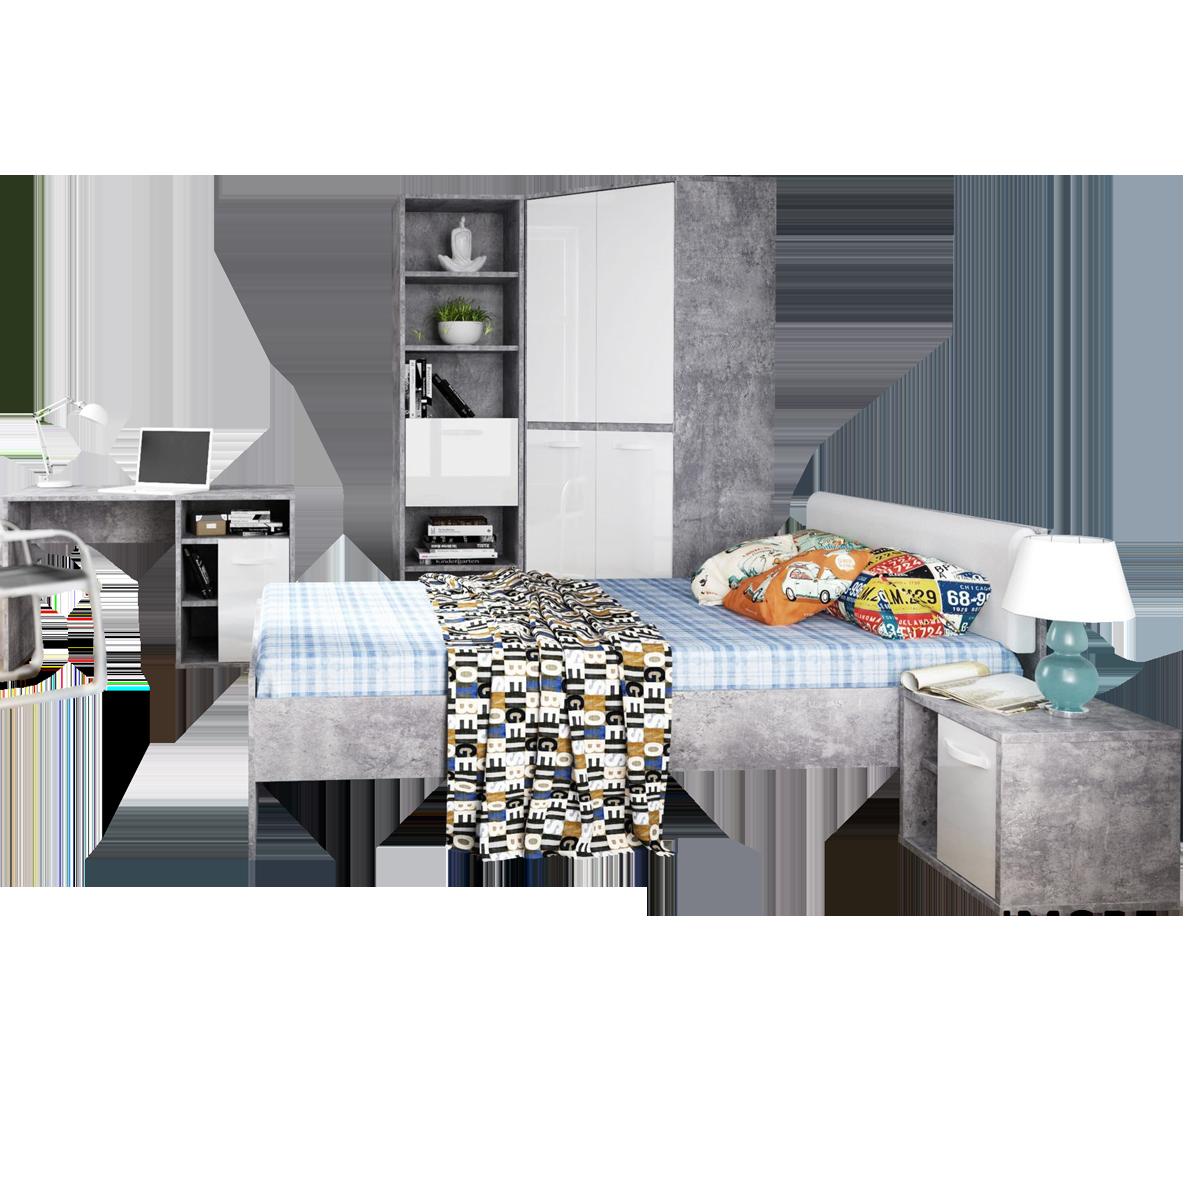 Forte Canmore Jugendzimmer 5-teilig mit Bett Liegefläche ca. 120x200cm  Nachttisch Eck-Kleiderschrank Regal und Schreibtisch Jugendzimmer-Set mit  ...